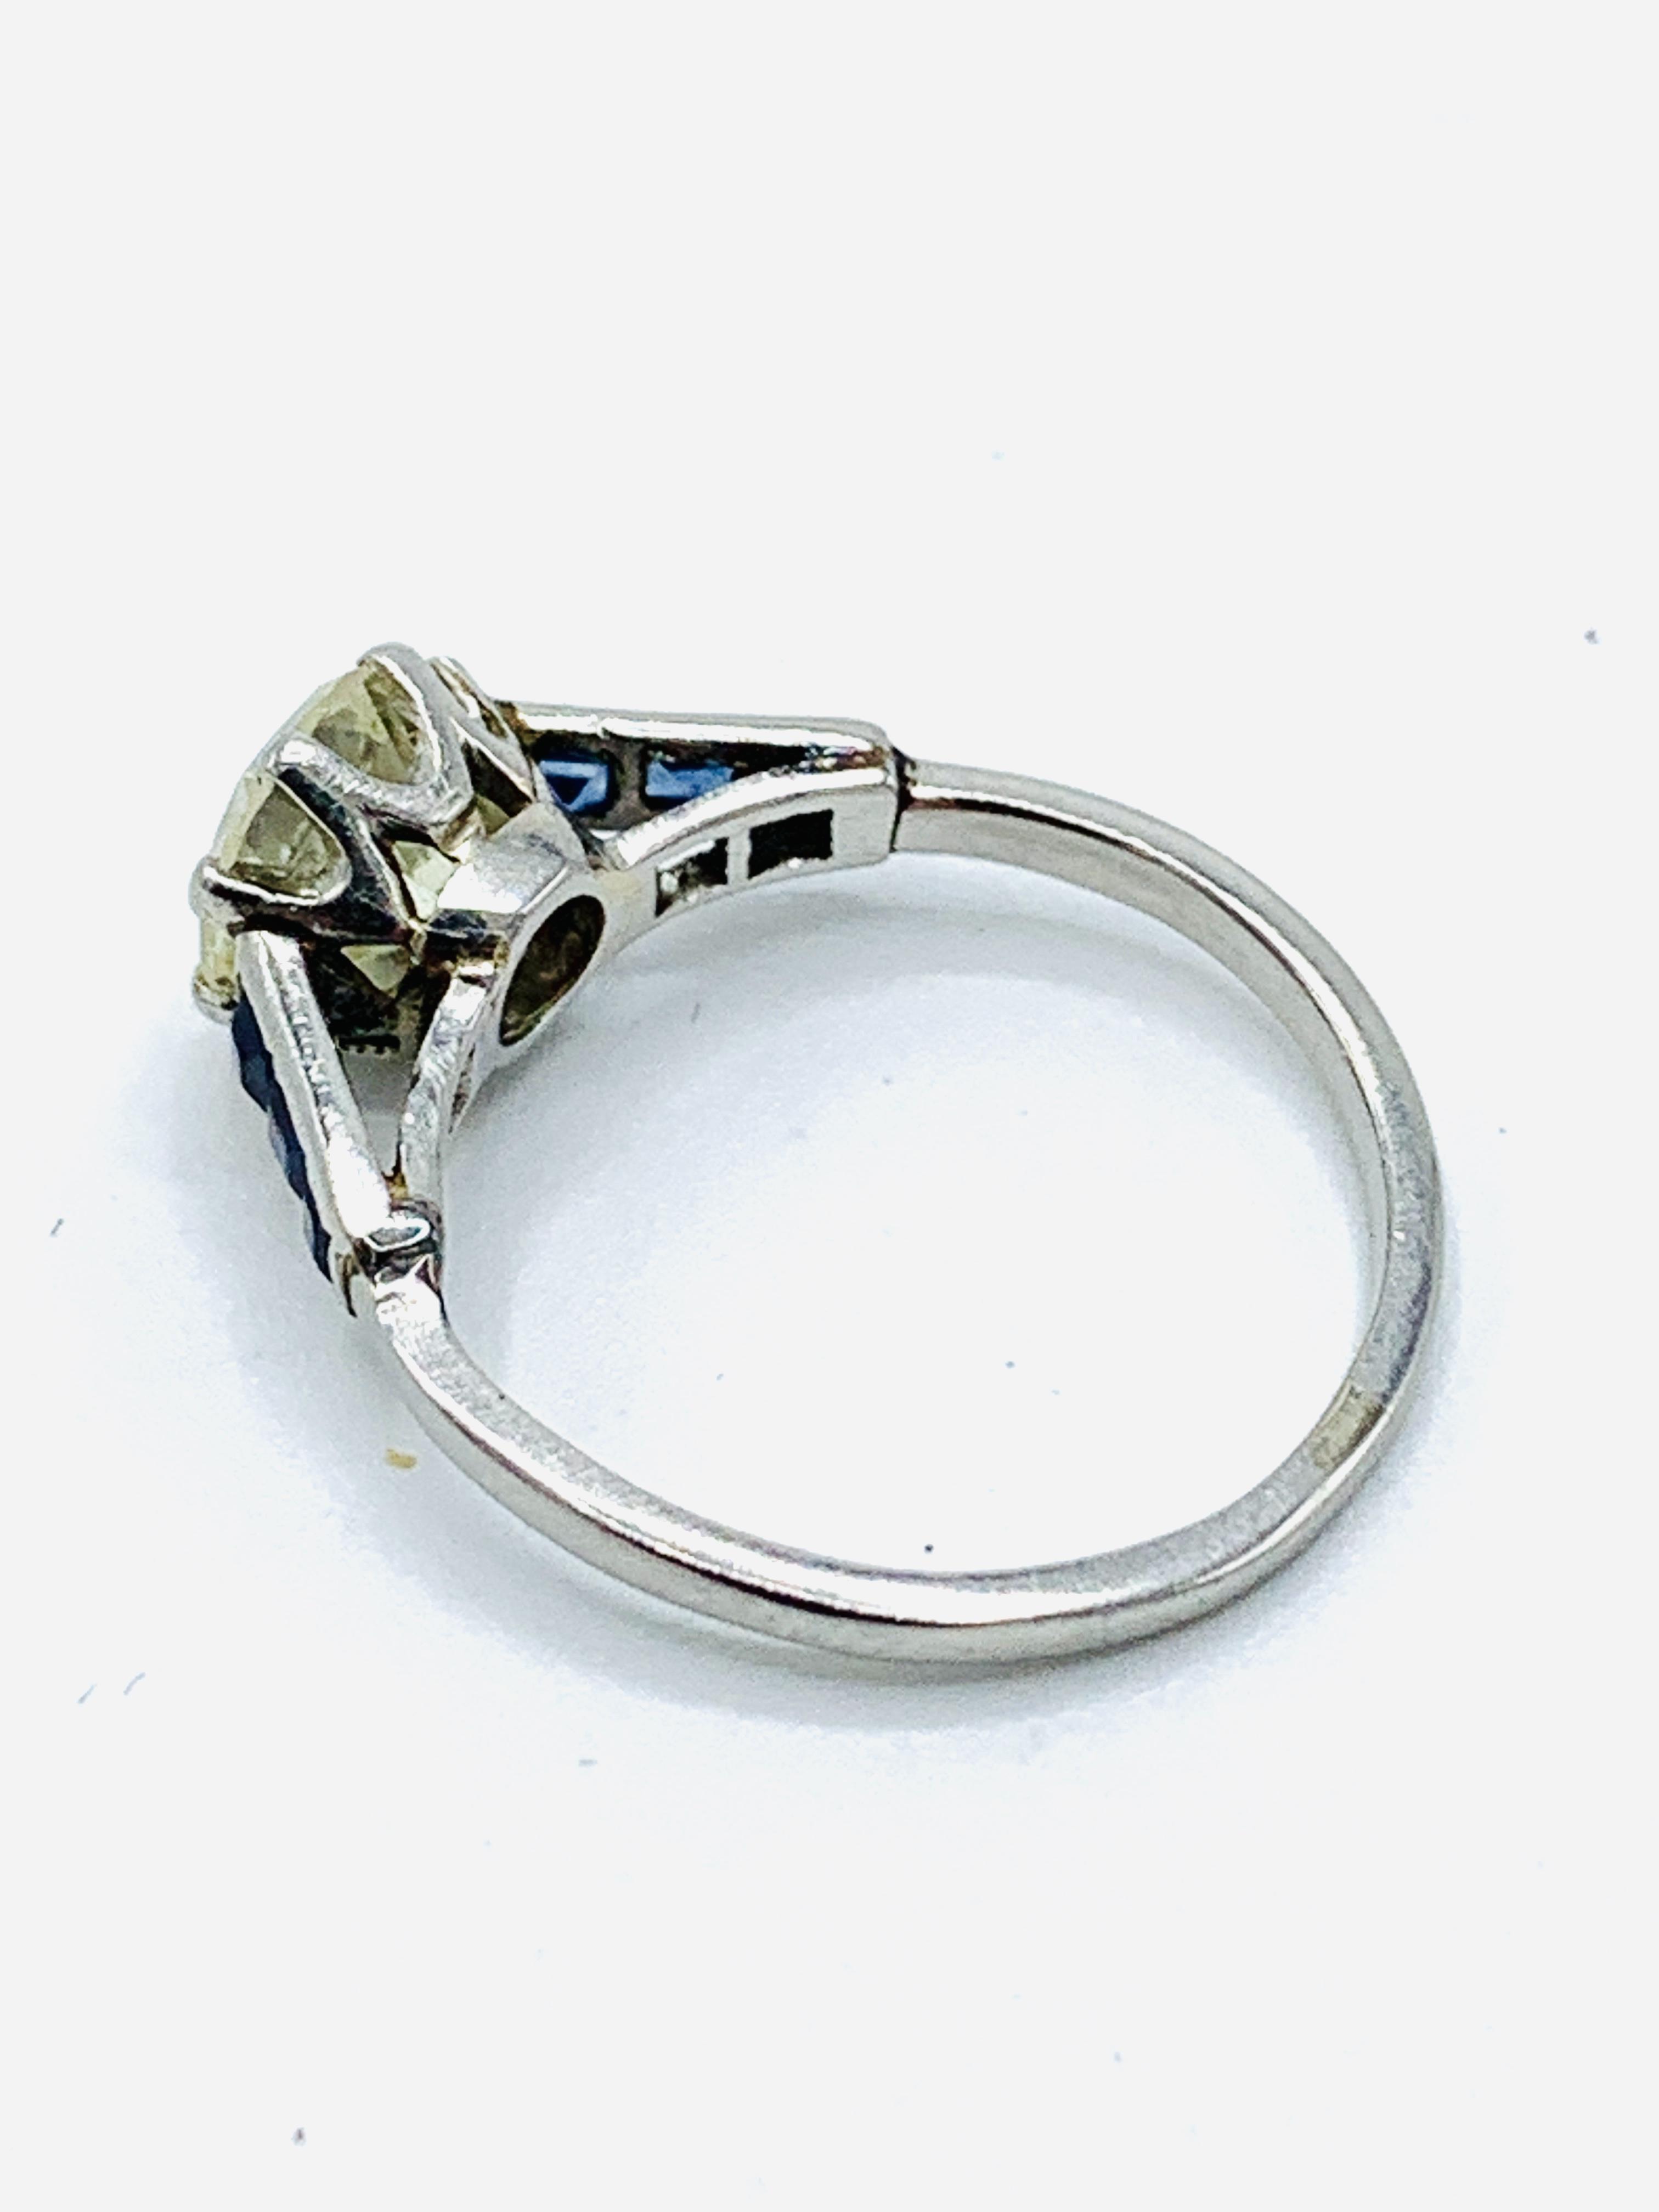 Platinum solitaire diamond ring - Image 3 of 5